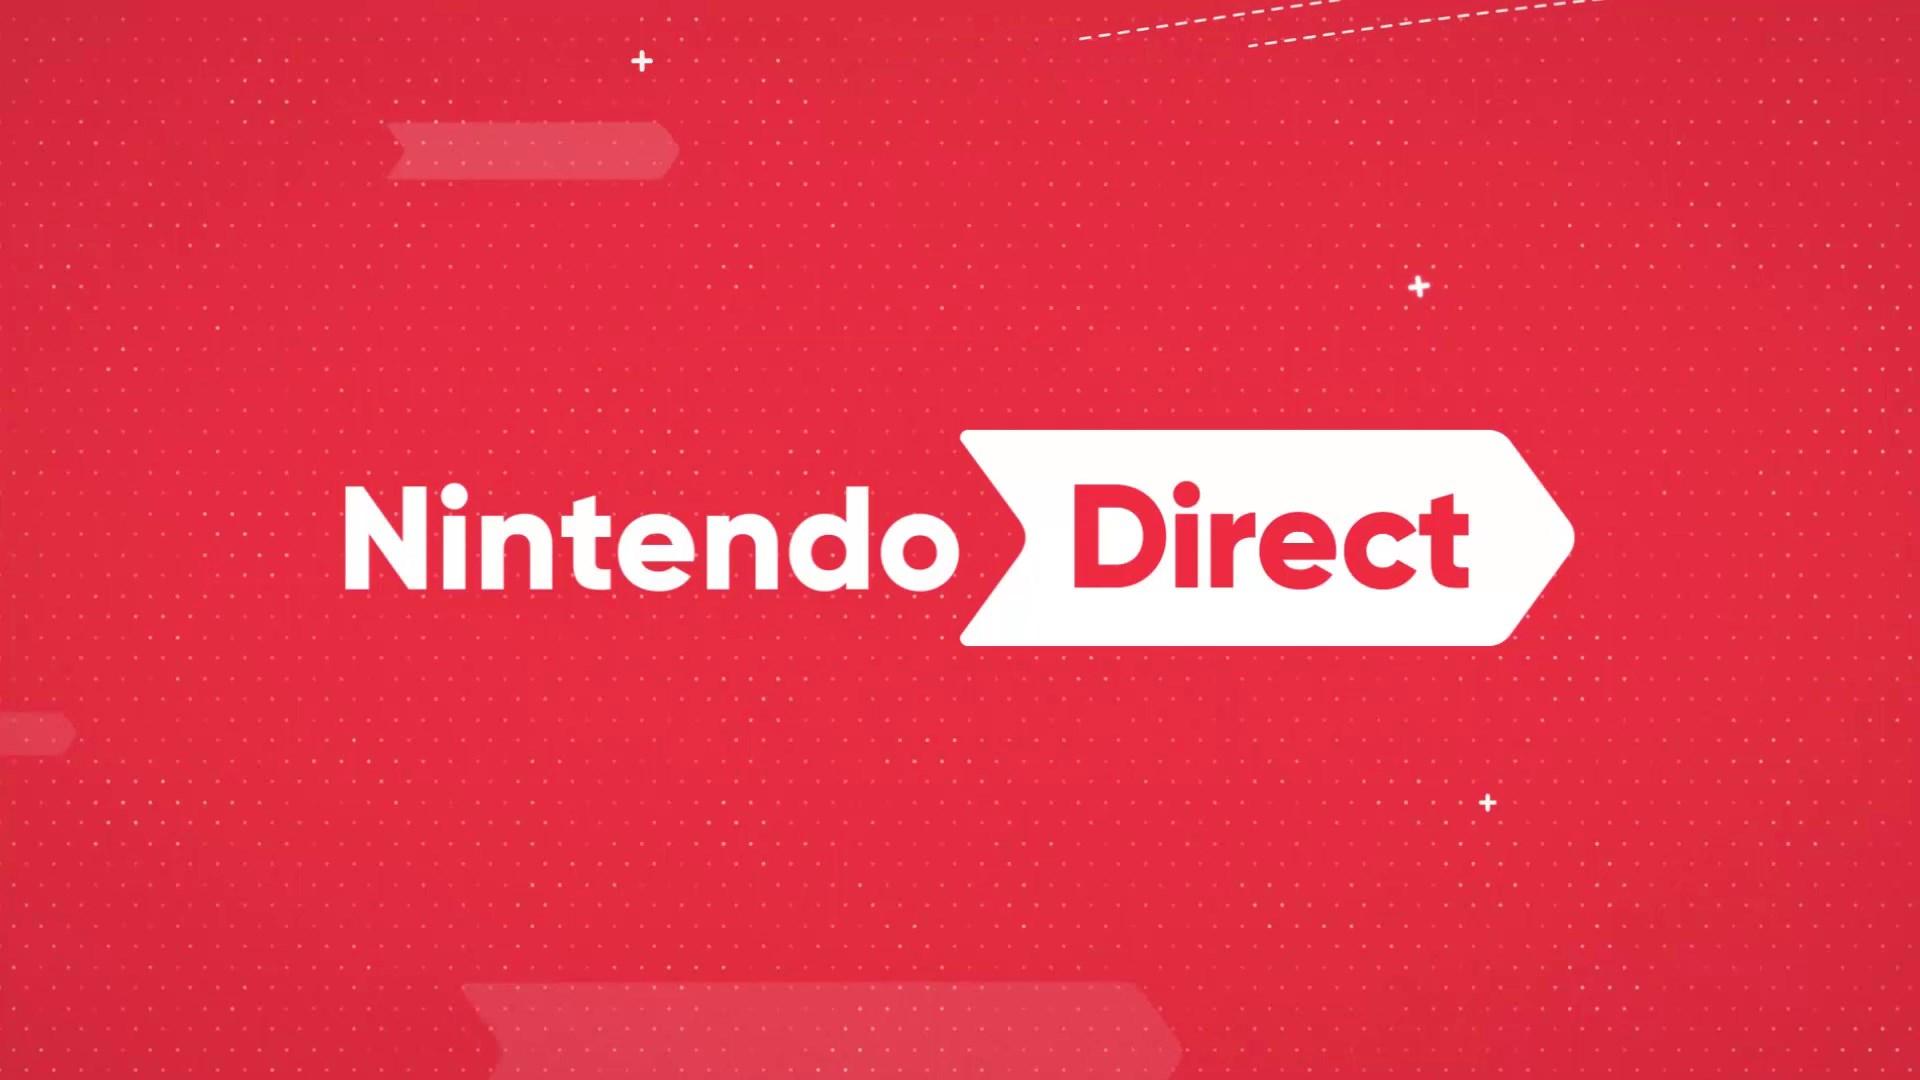 Nintendo Direct du 12 Avril 2017 en résumé :